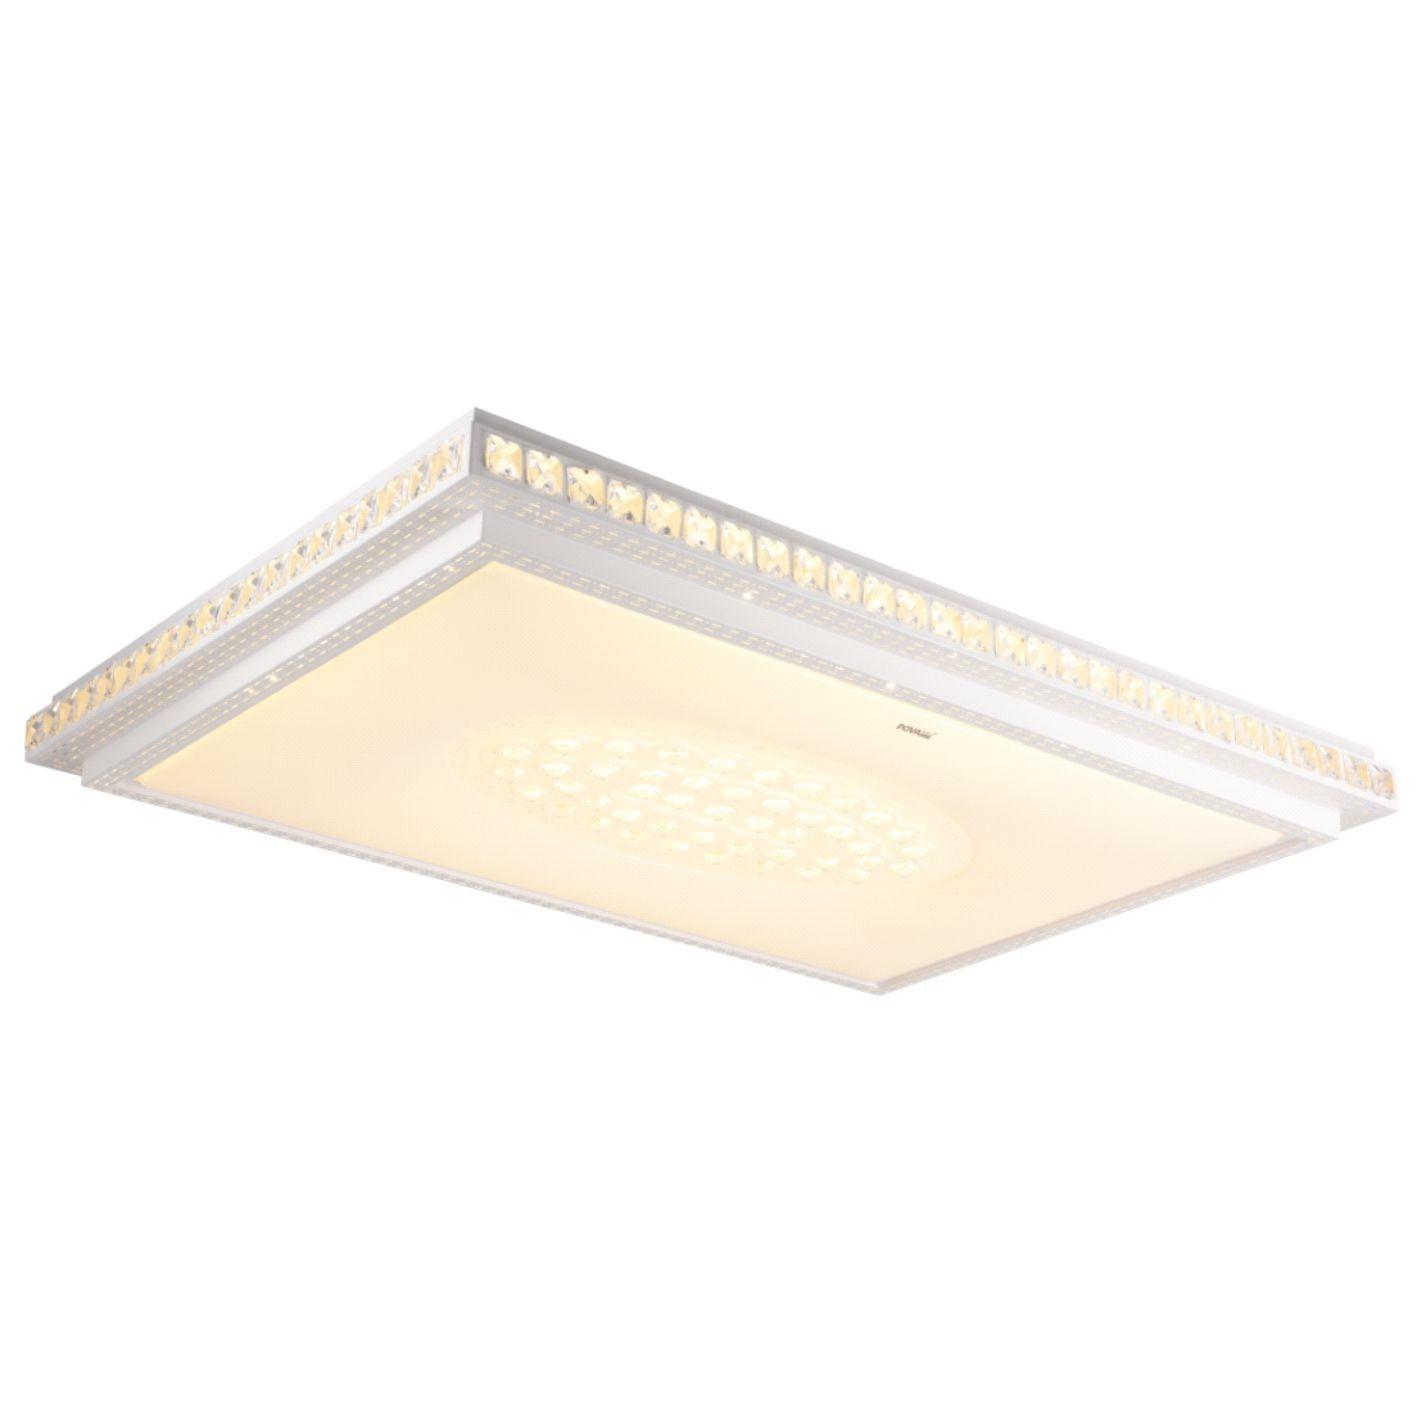 普洛瓦LED客厅灯